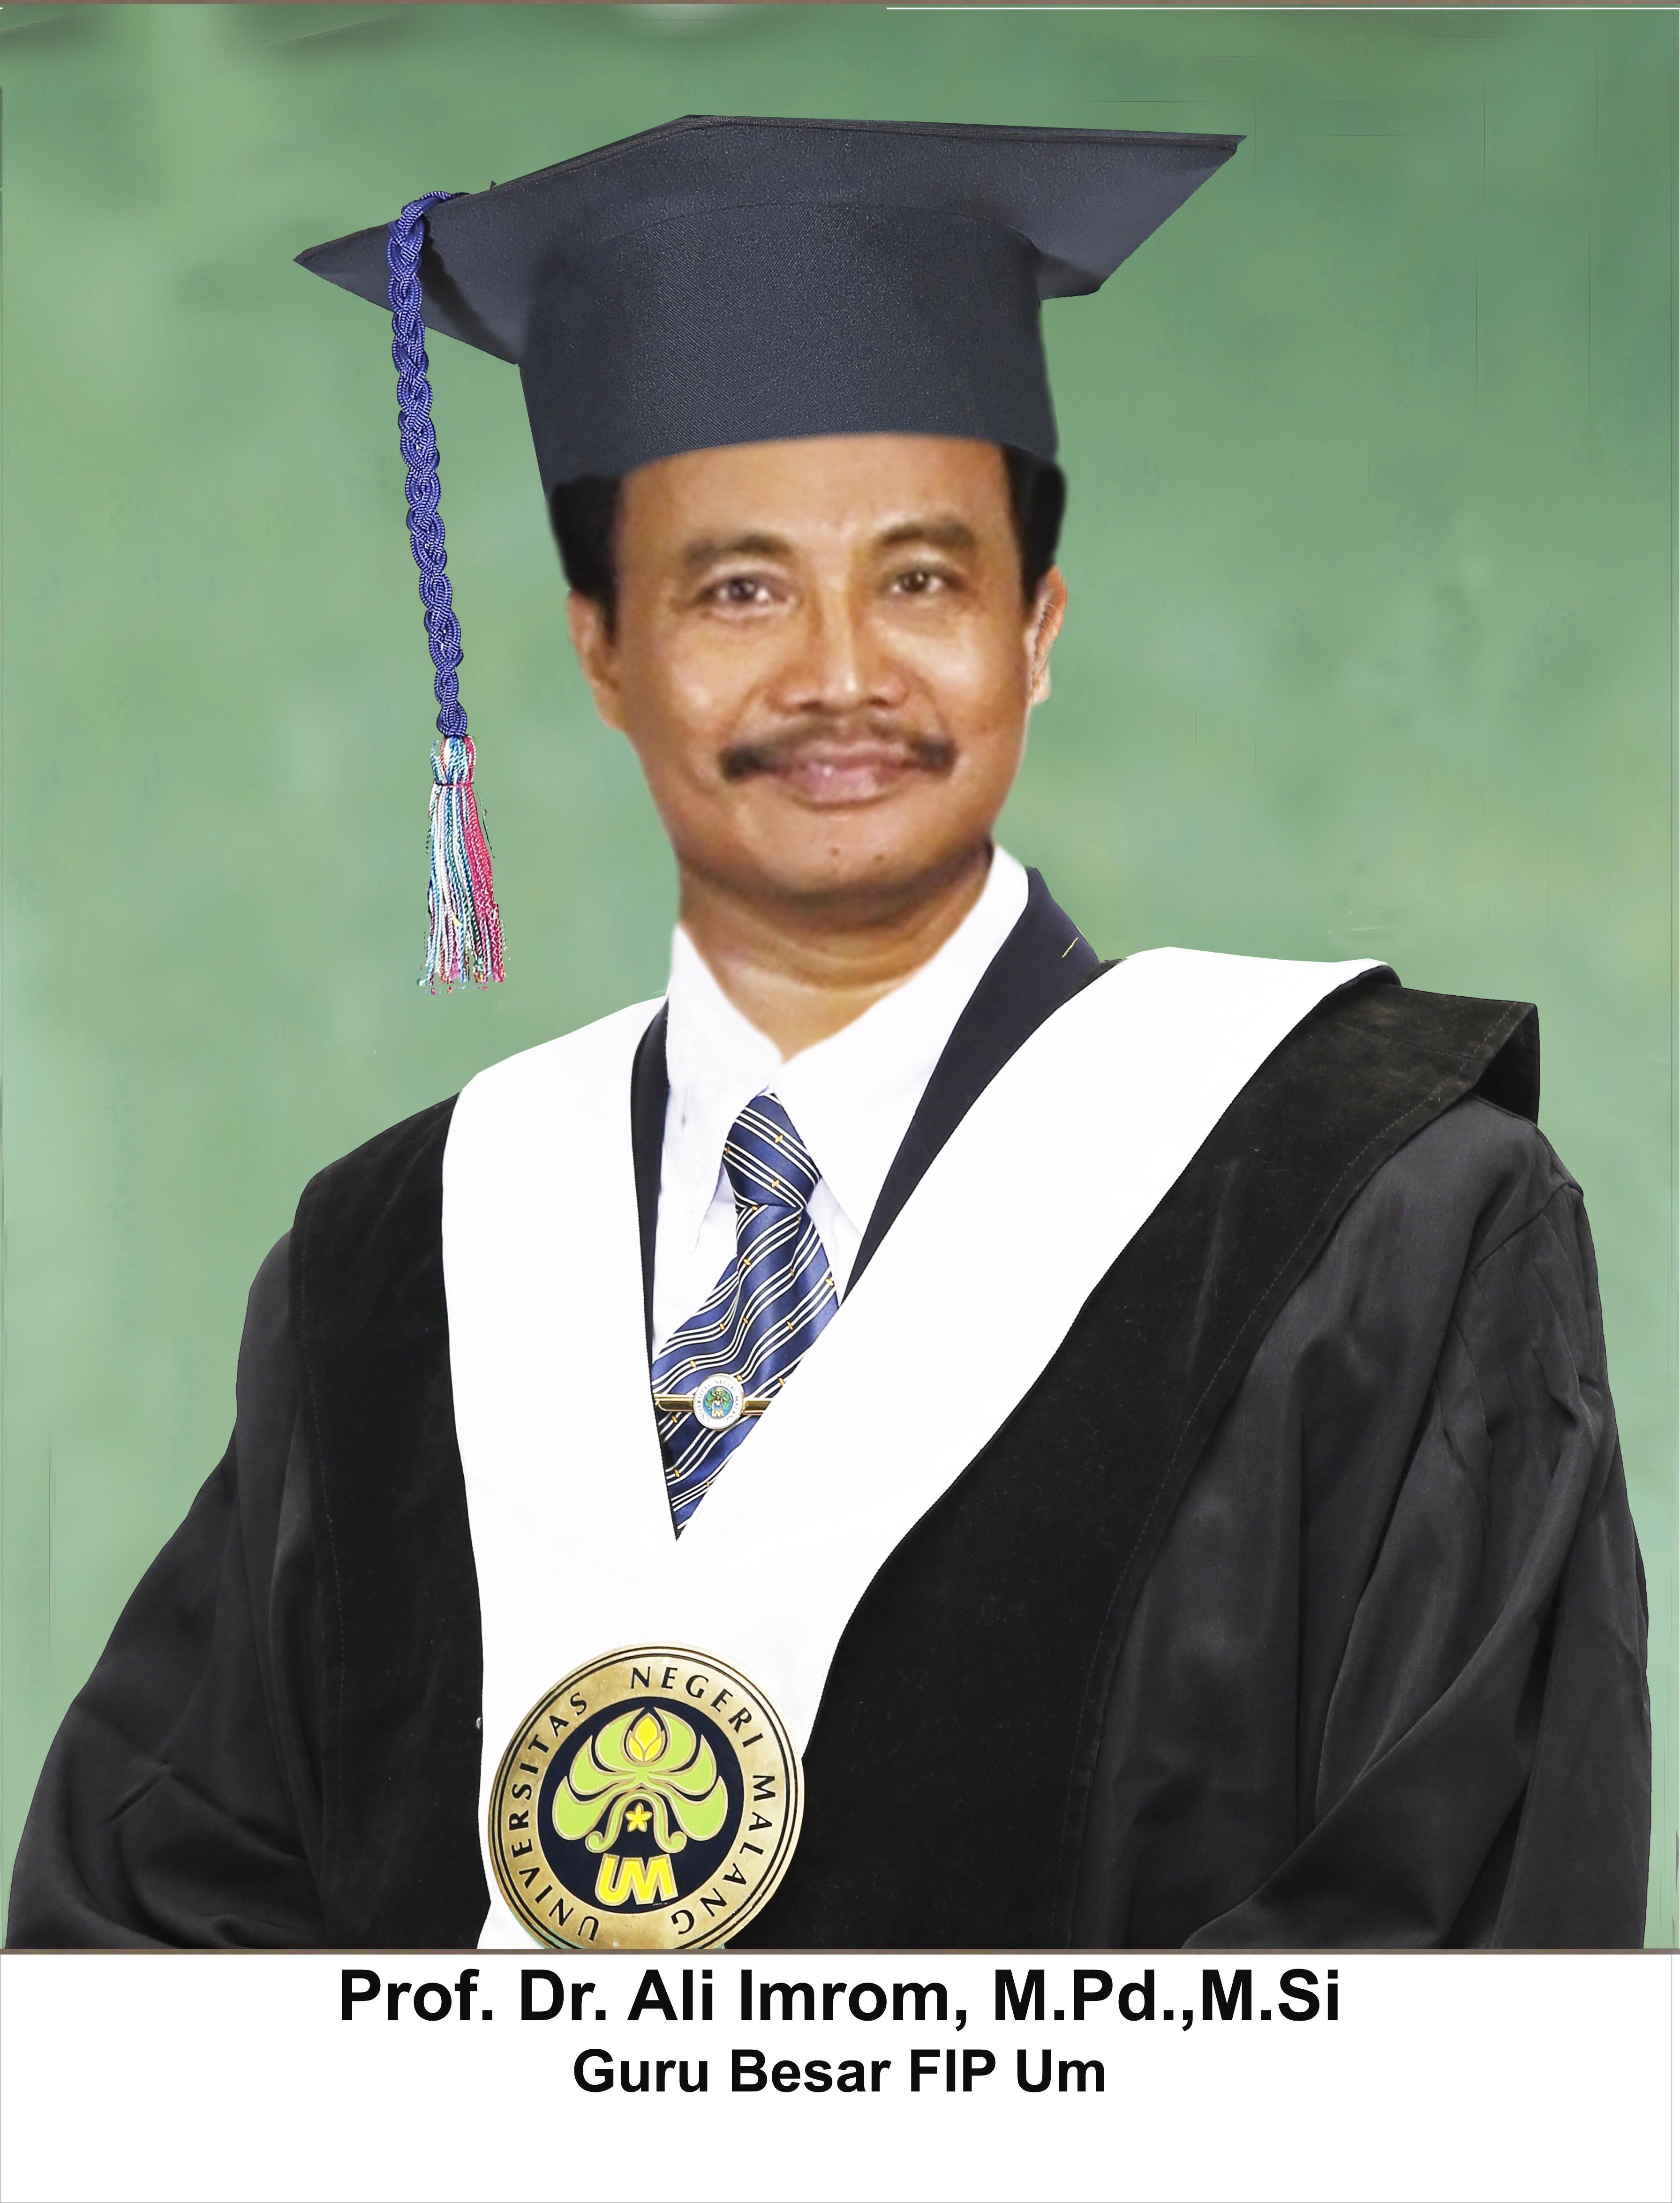 Prof. Dr. Ali Imron, MPd